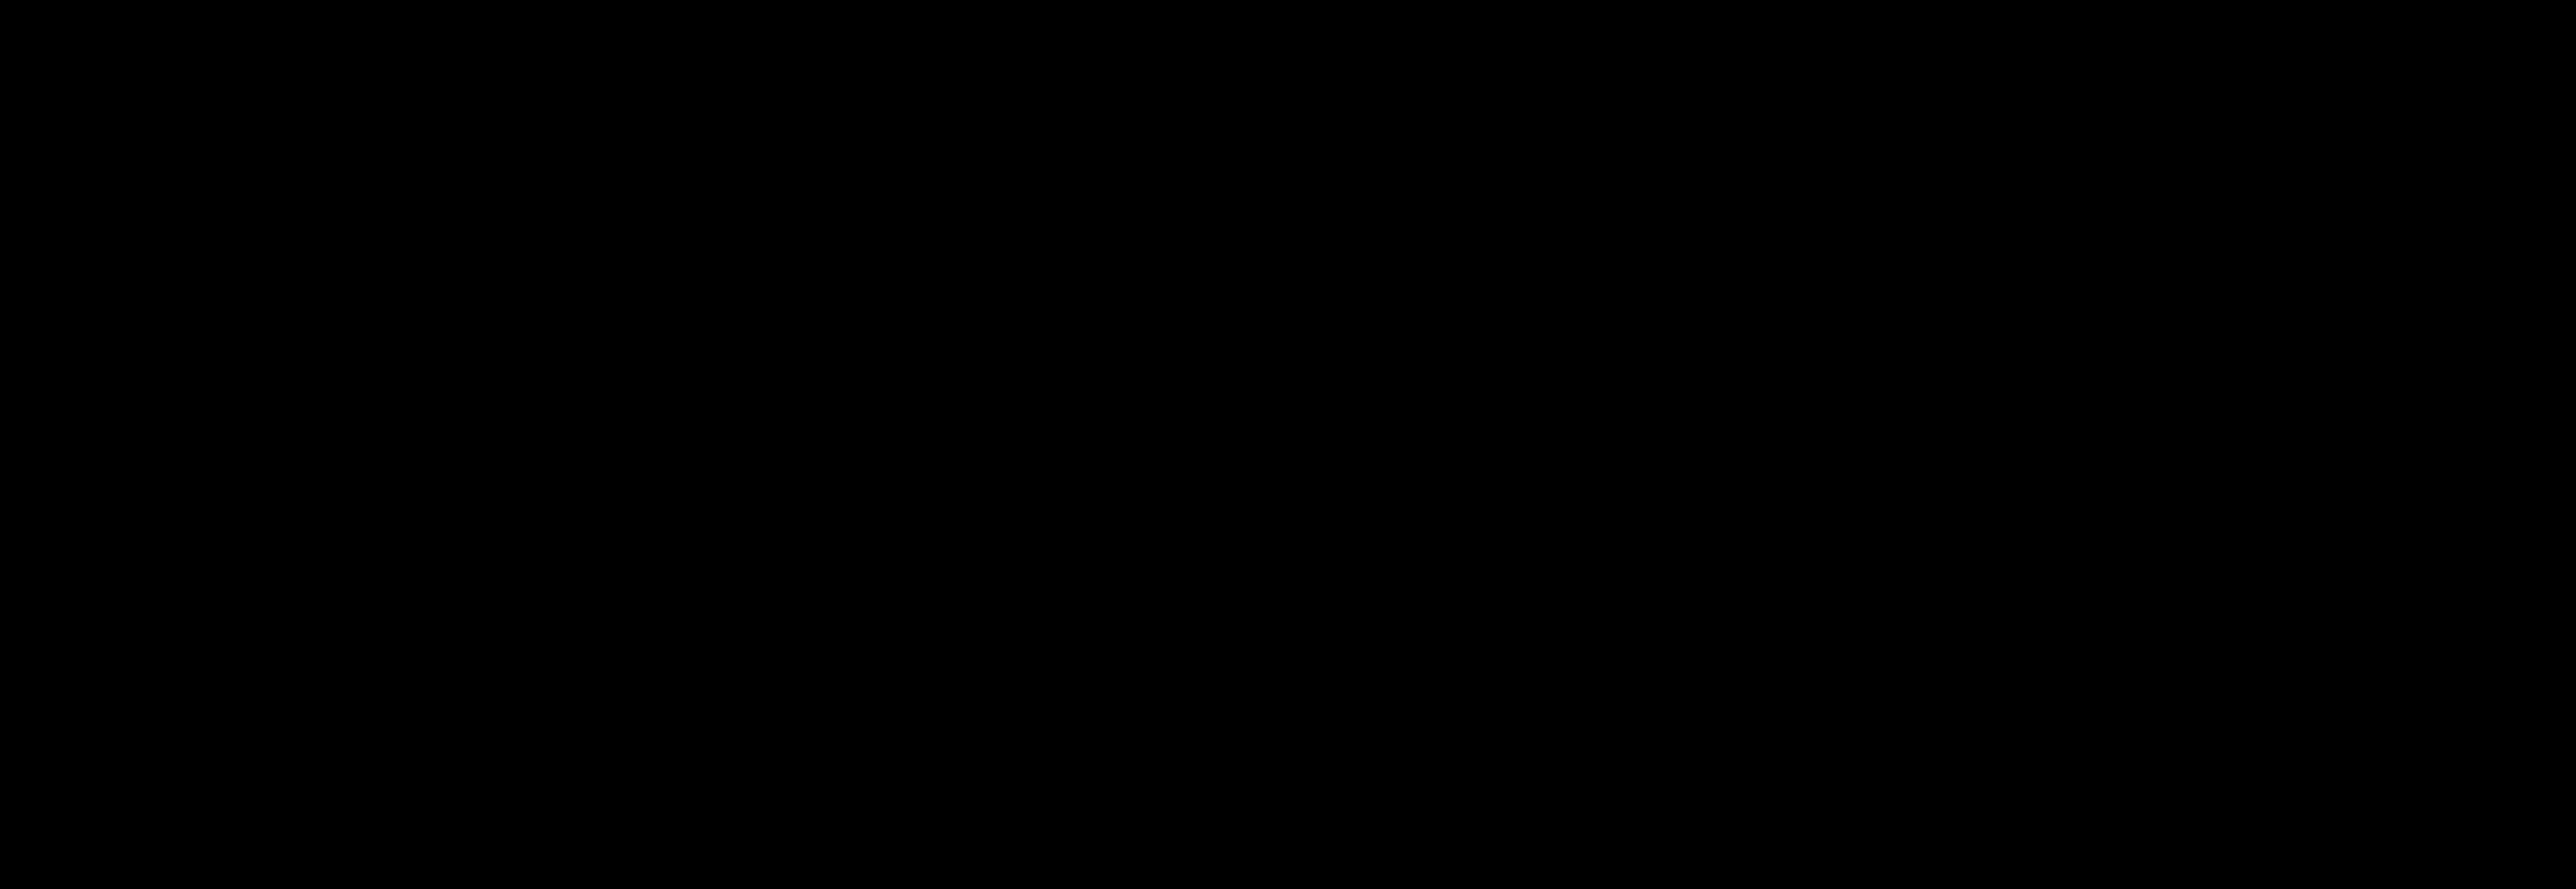 Logo_v kostce